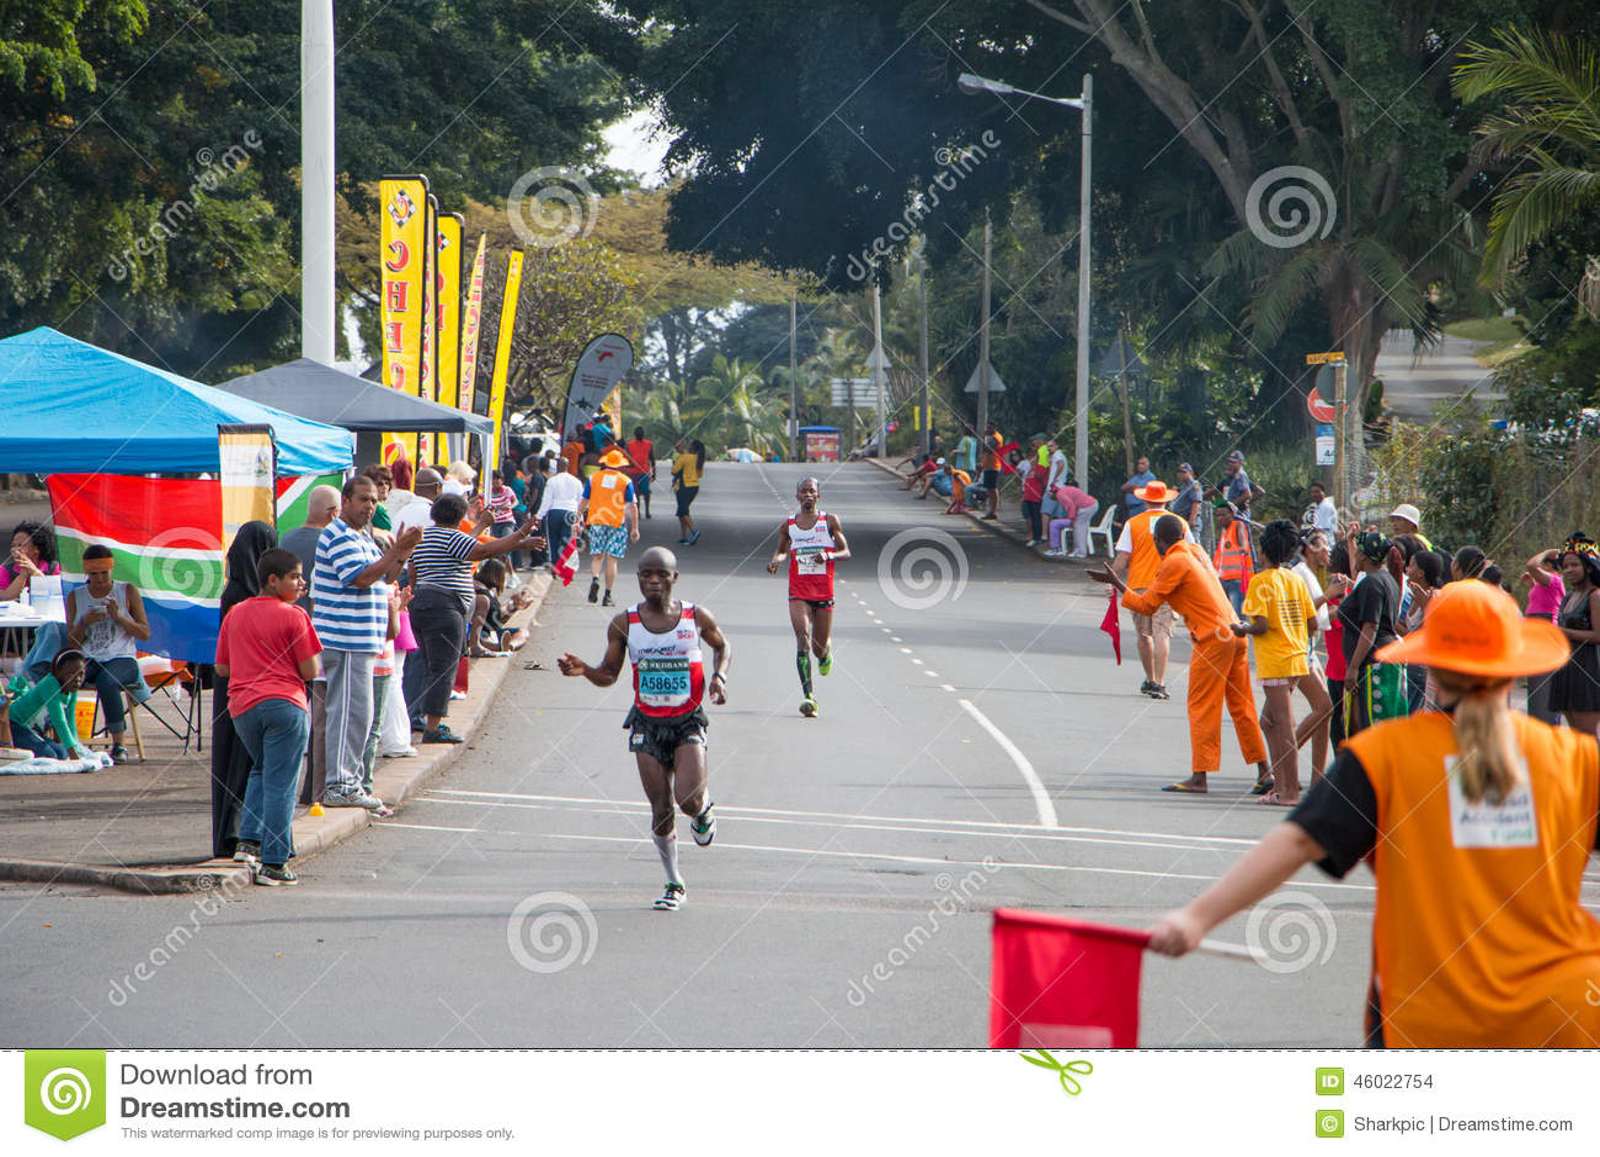 Camaradas Marathon Downhill